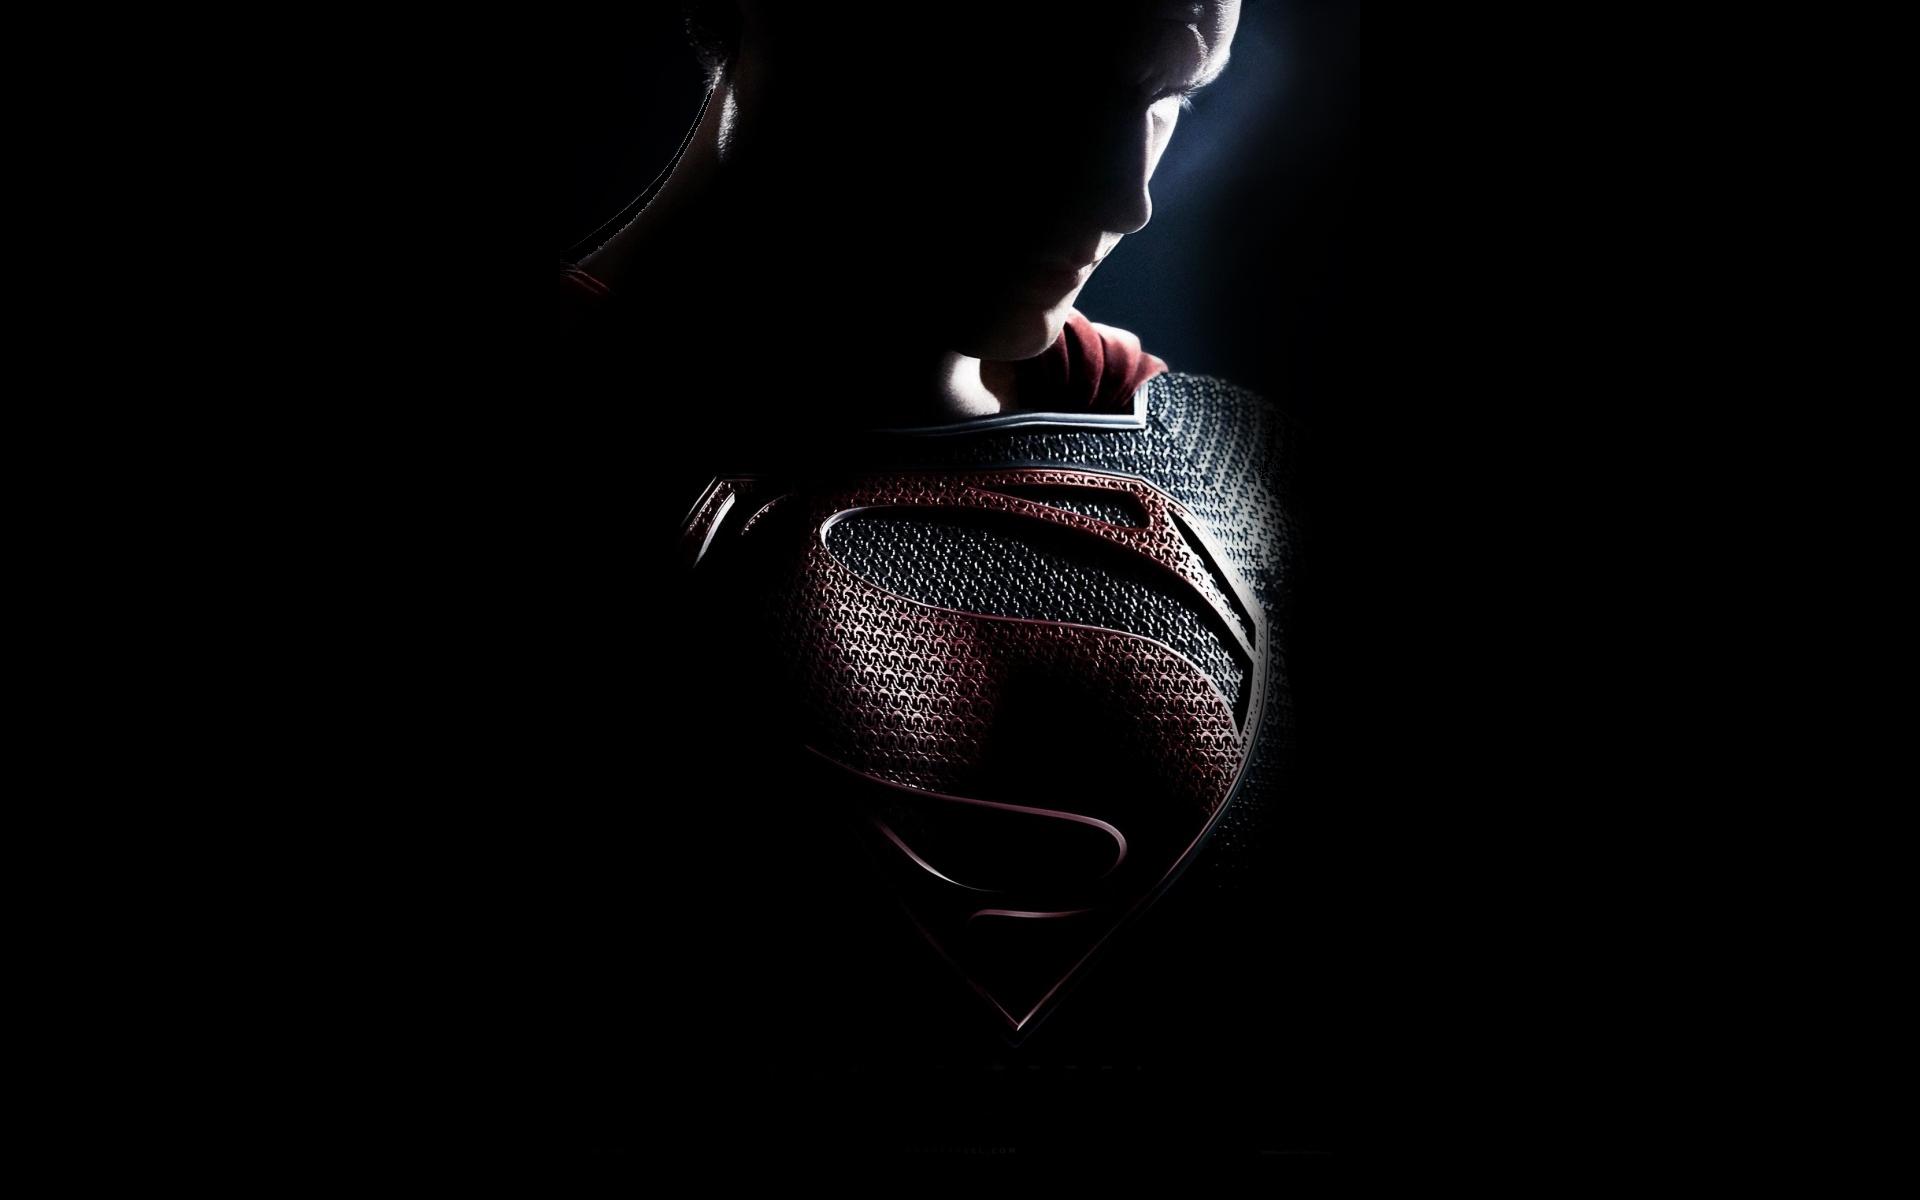 Superman Returns Wallpaper Windows Mode